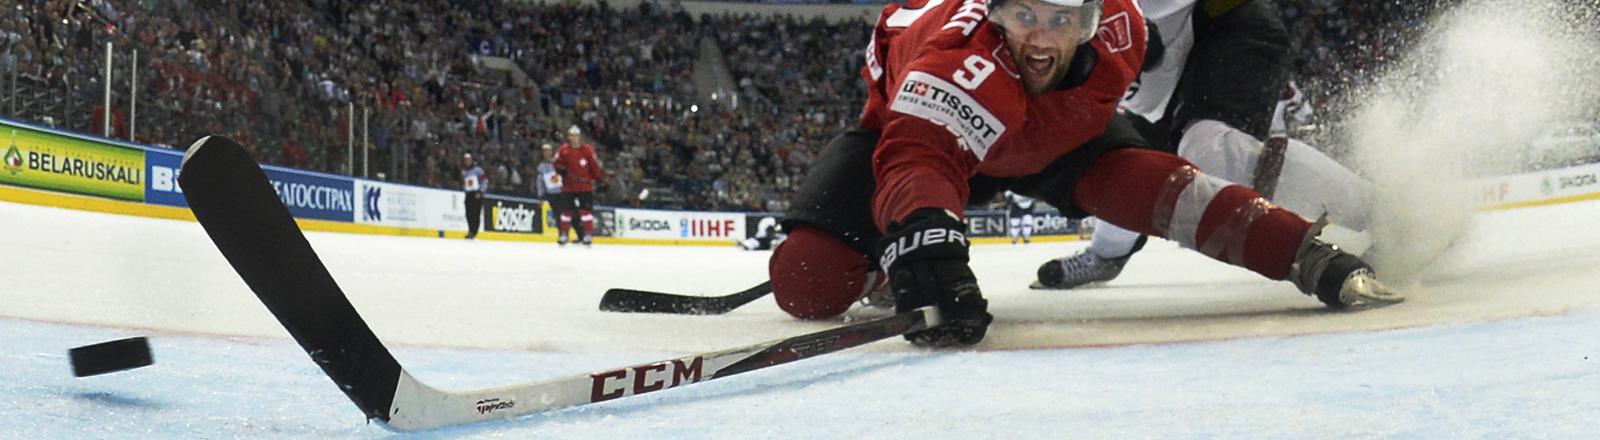 Der Schweizer Spieler Thomas Rufenacht, links und Kristaps Sotnieks aus Lettland kämpfen bei der Eishockey-WM in Weißrussland um den Puck